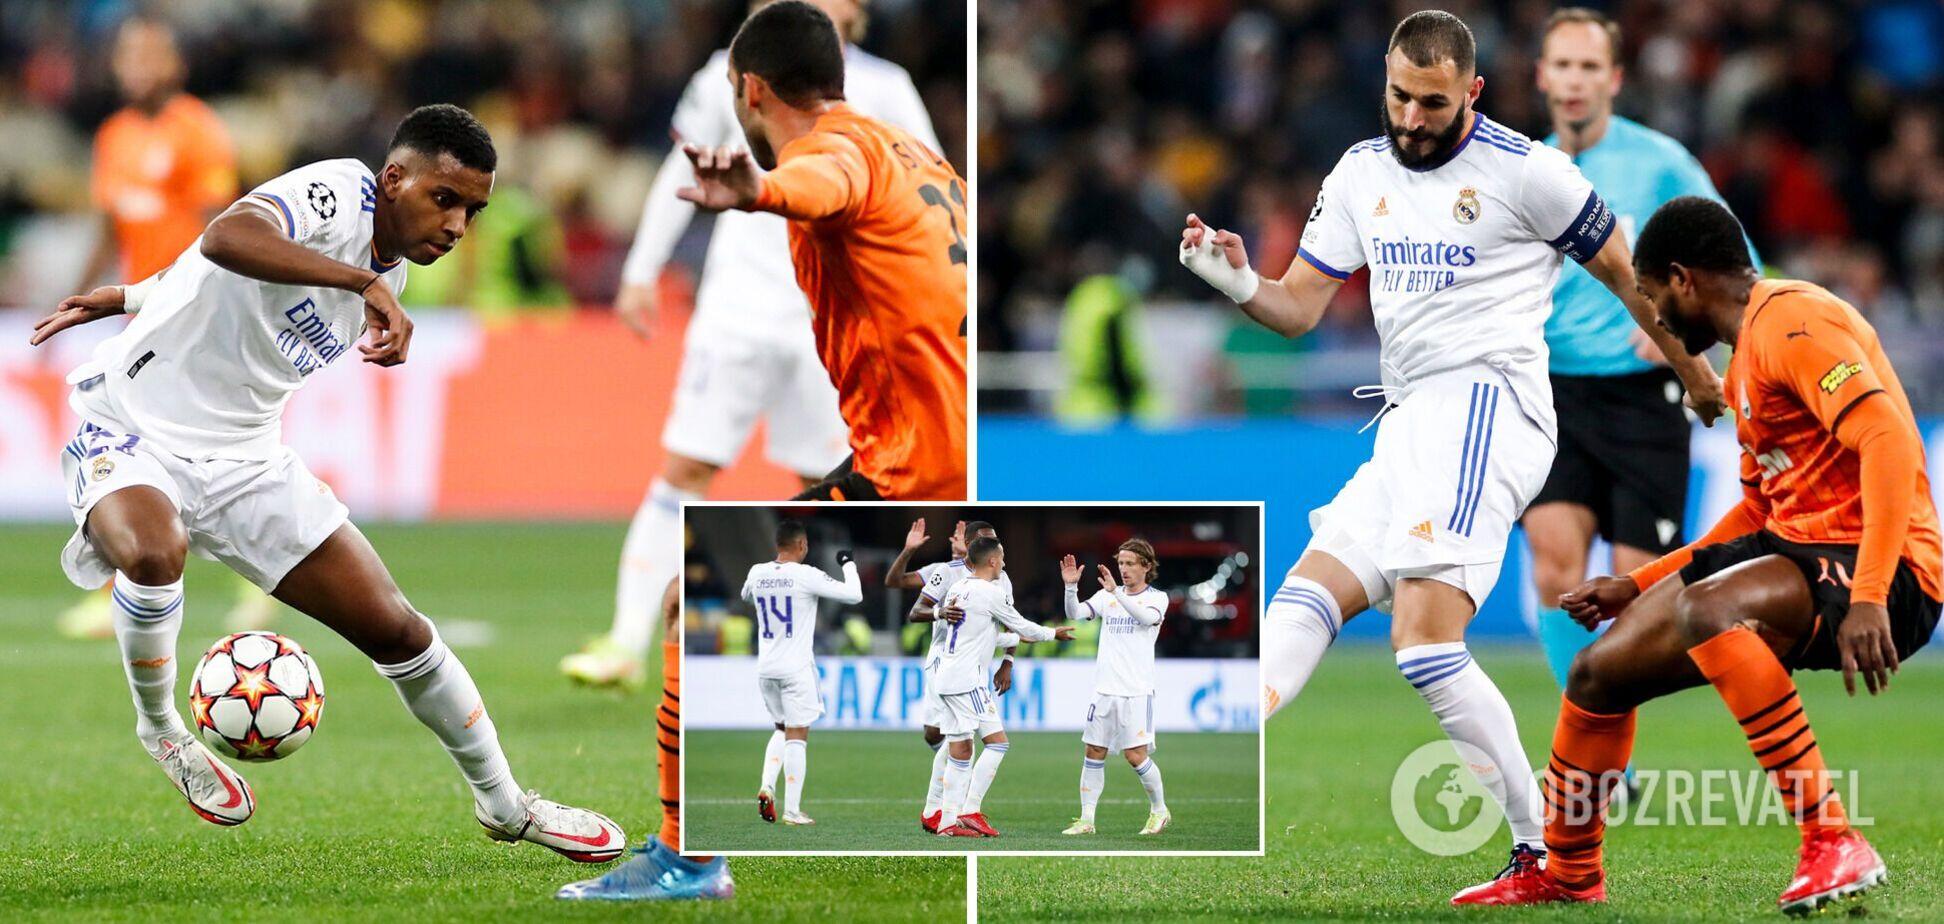 Реал обыграл Шахтер в Киеве